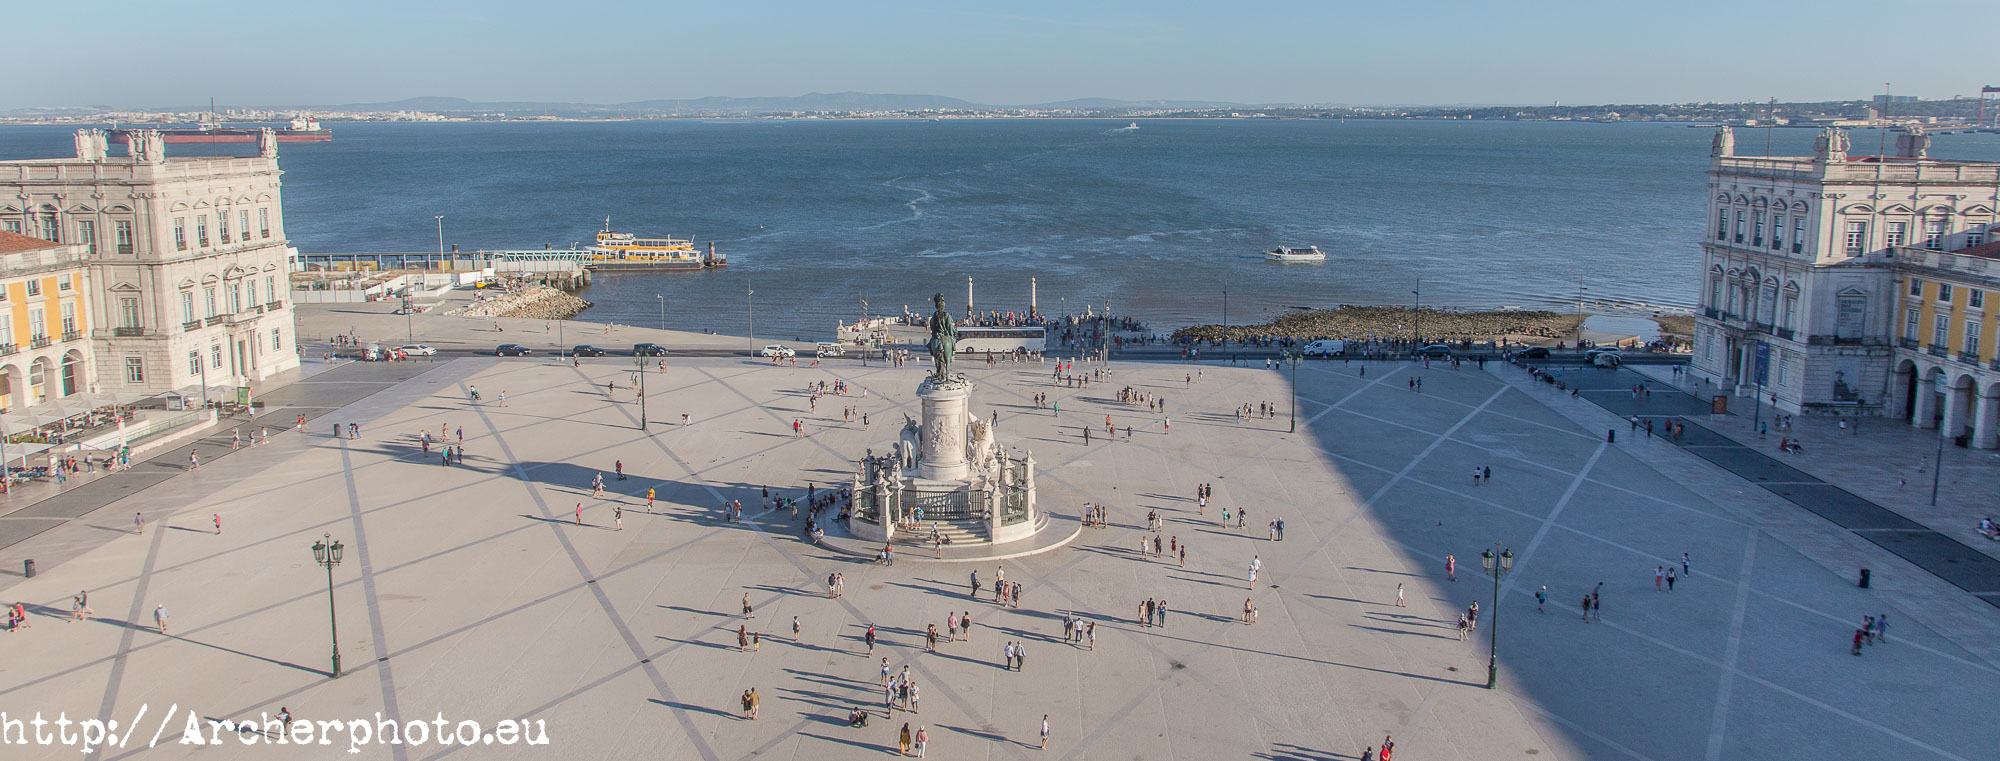 Praça do Comércio o Terreiro do Paço, Lisboa, Portugal, por Archerphoto, fotógrafo profesional